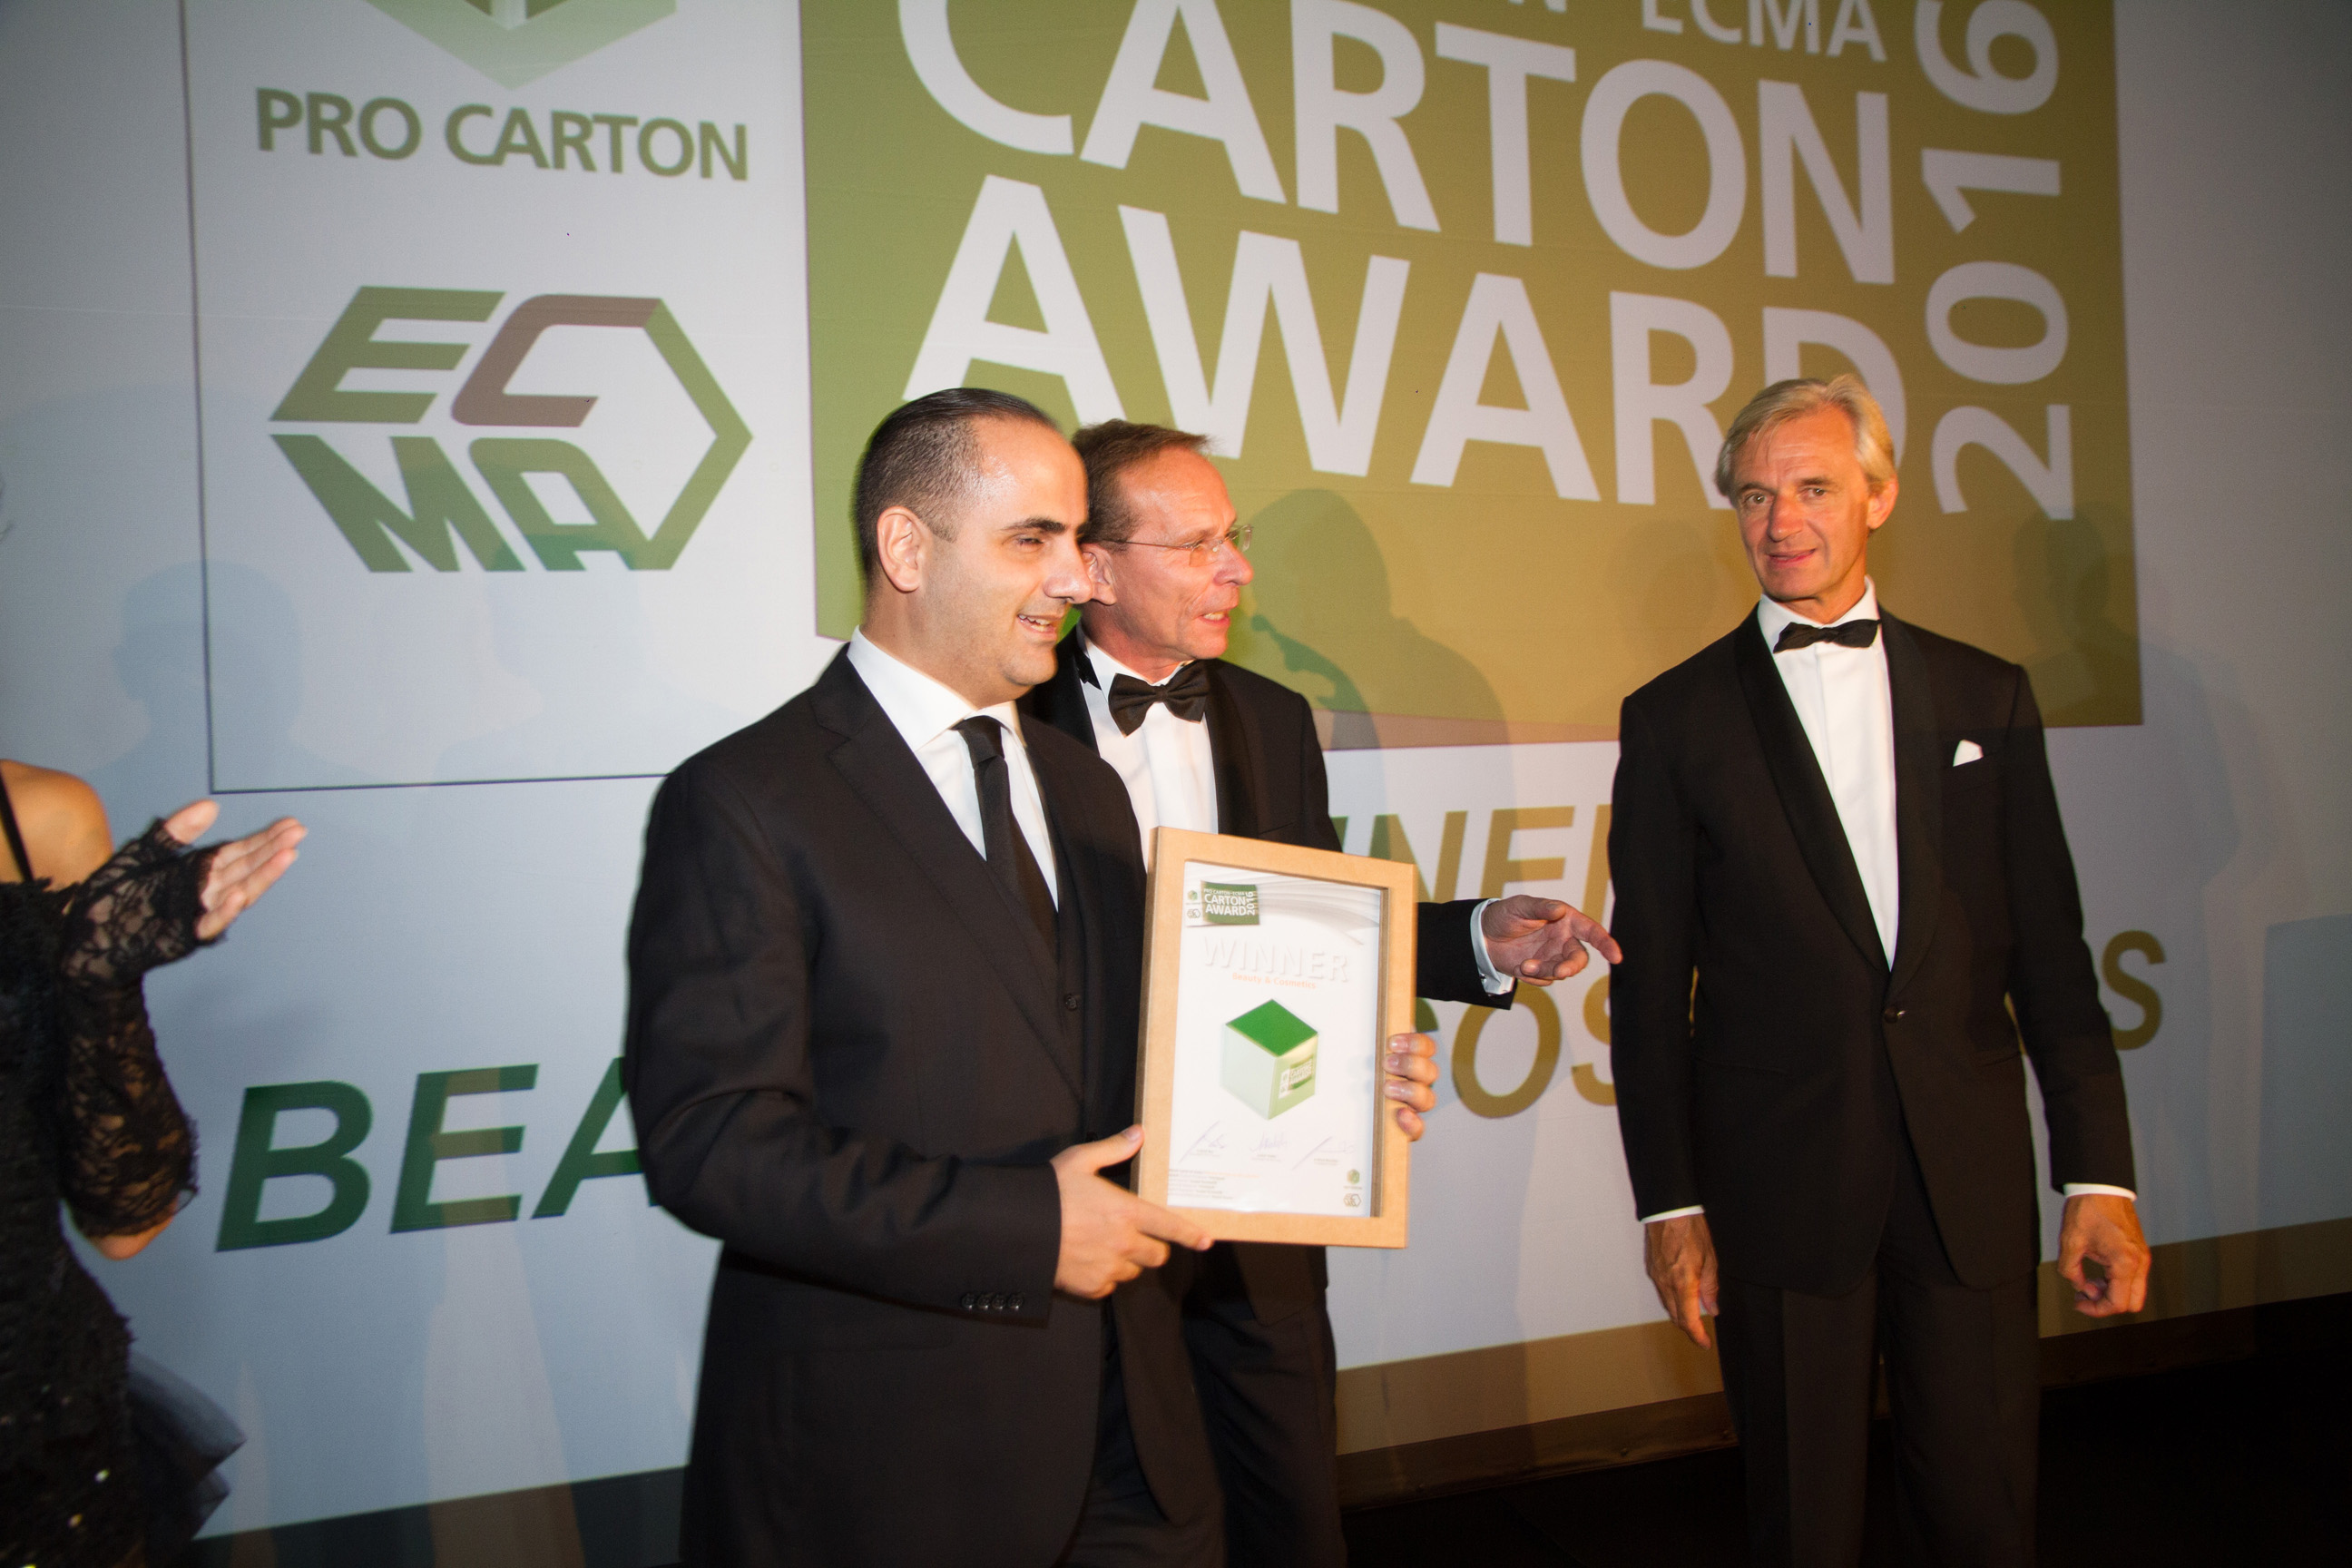 Pro Carton ECMA Award Gala 2016 884